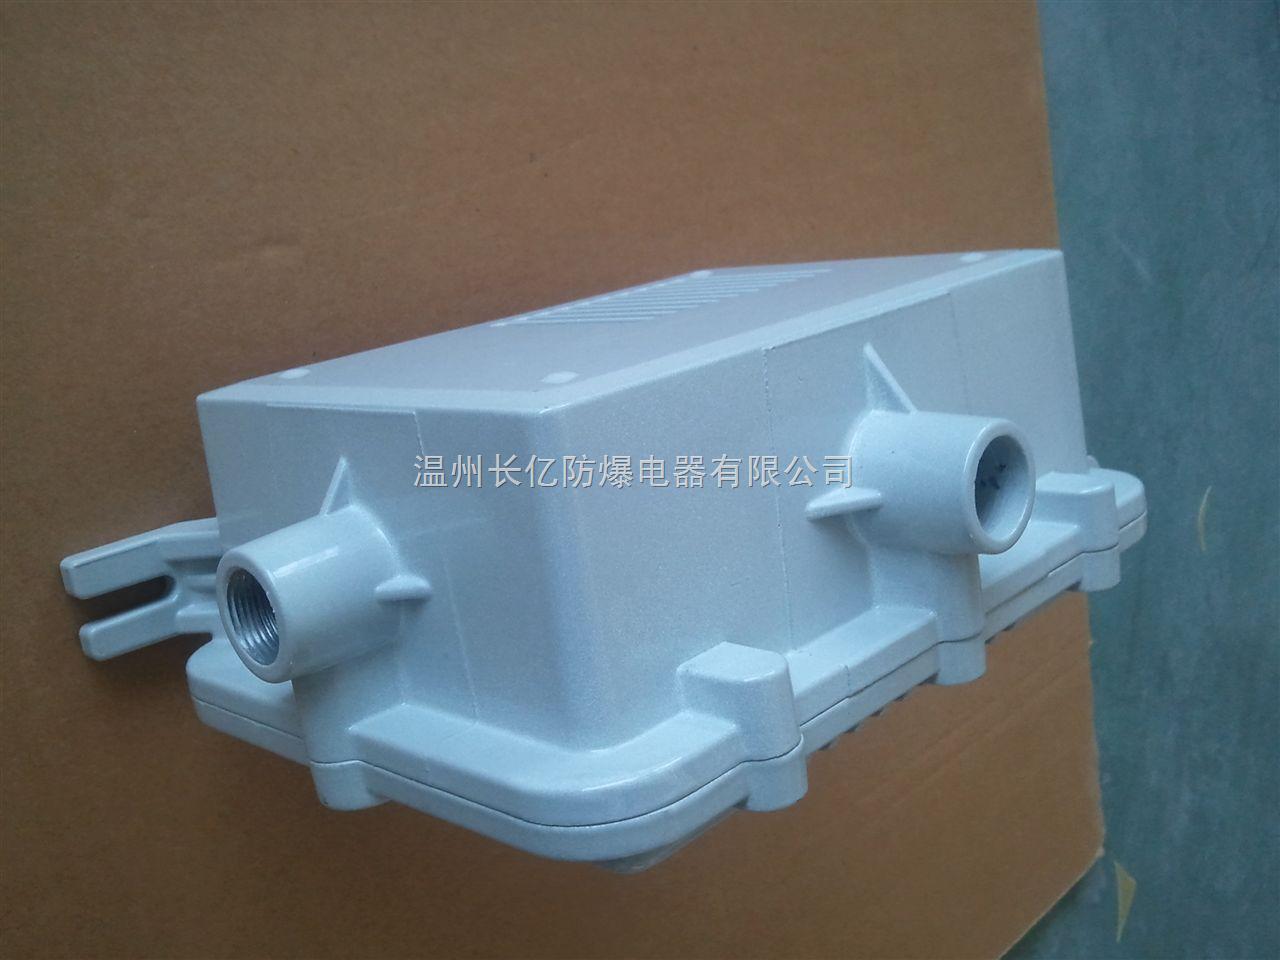 杭州防爆接线盒 新疆防爆接线盒厂家 河南防爆接线盒批发价